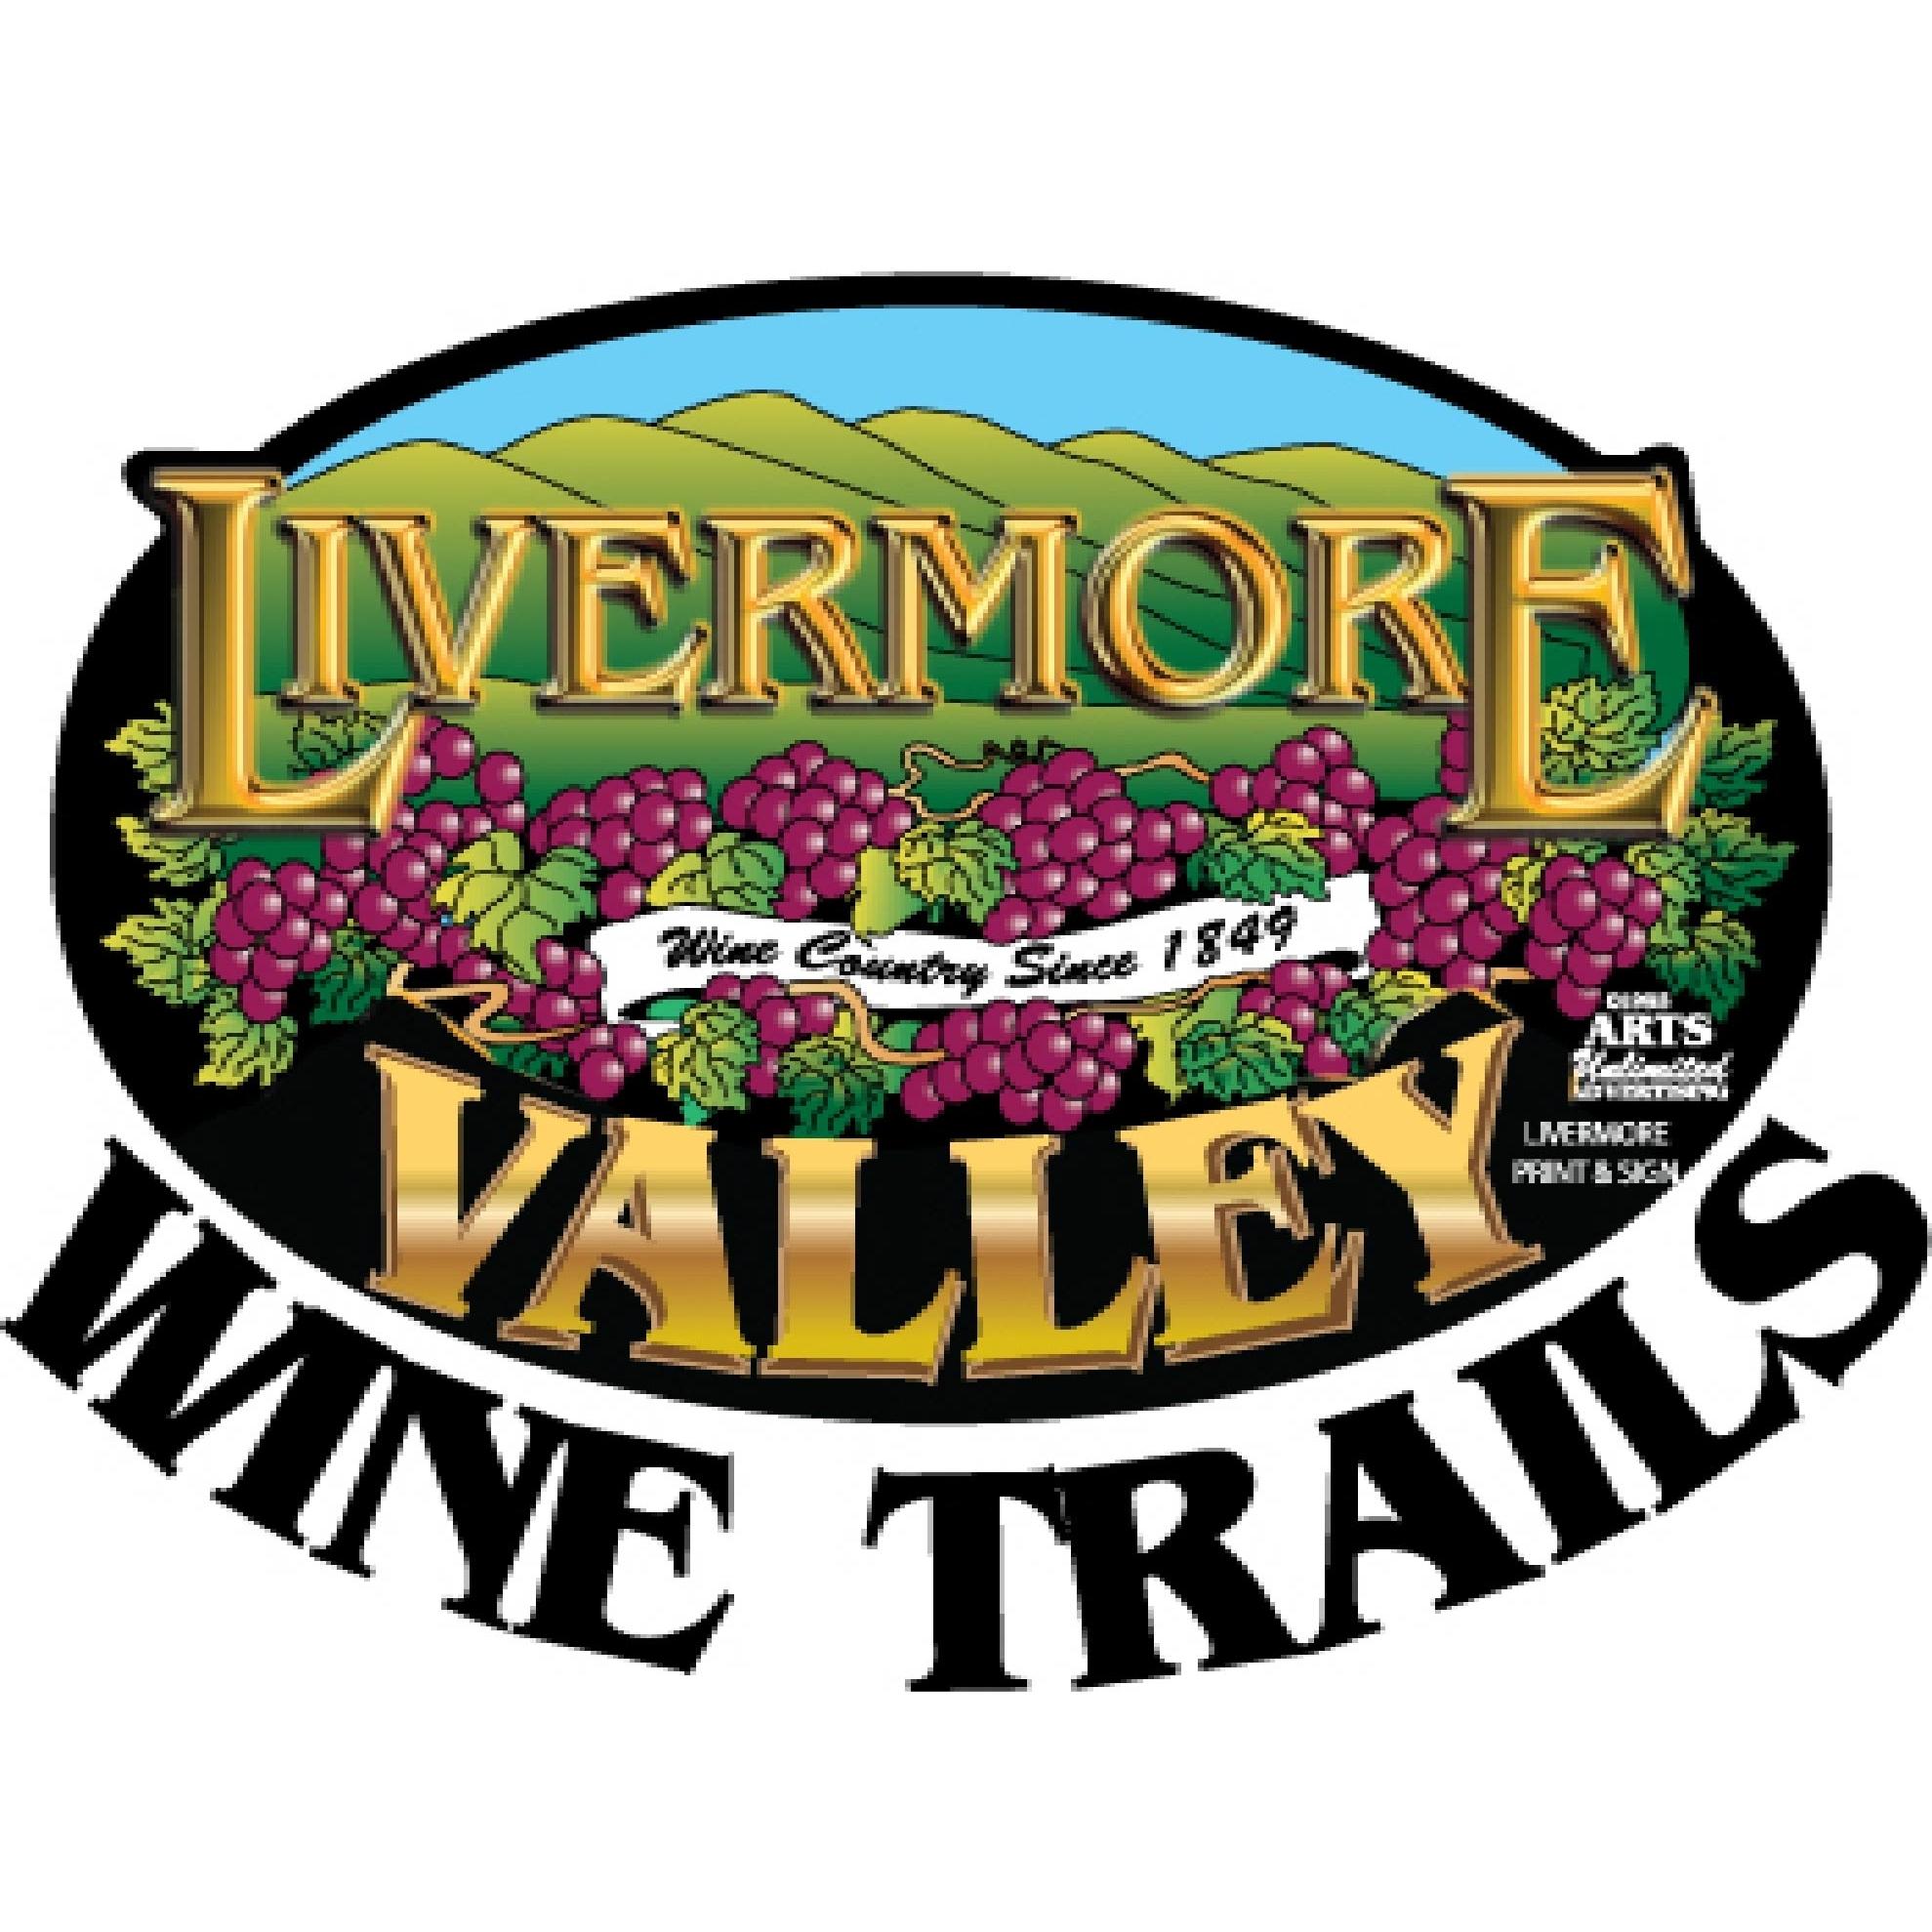 LIVERMORE VALLEY WINE TRAILS